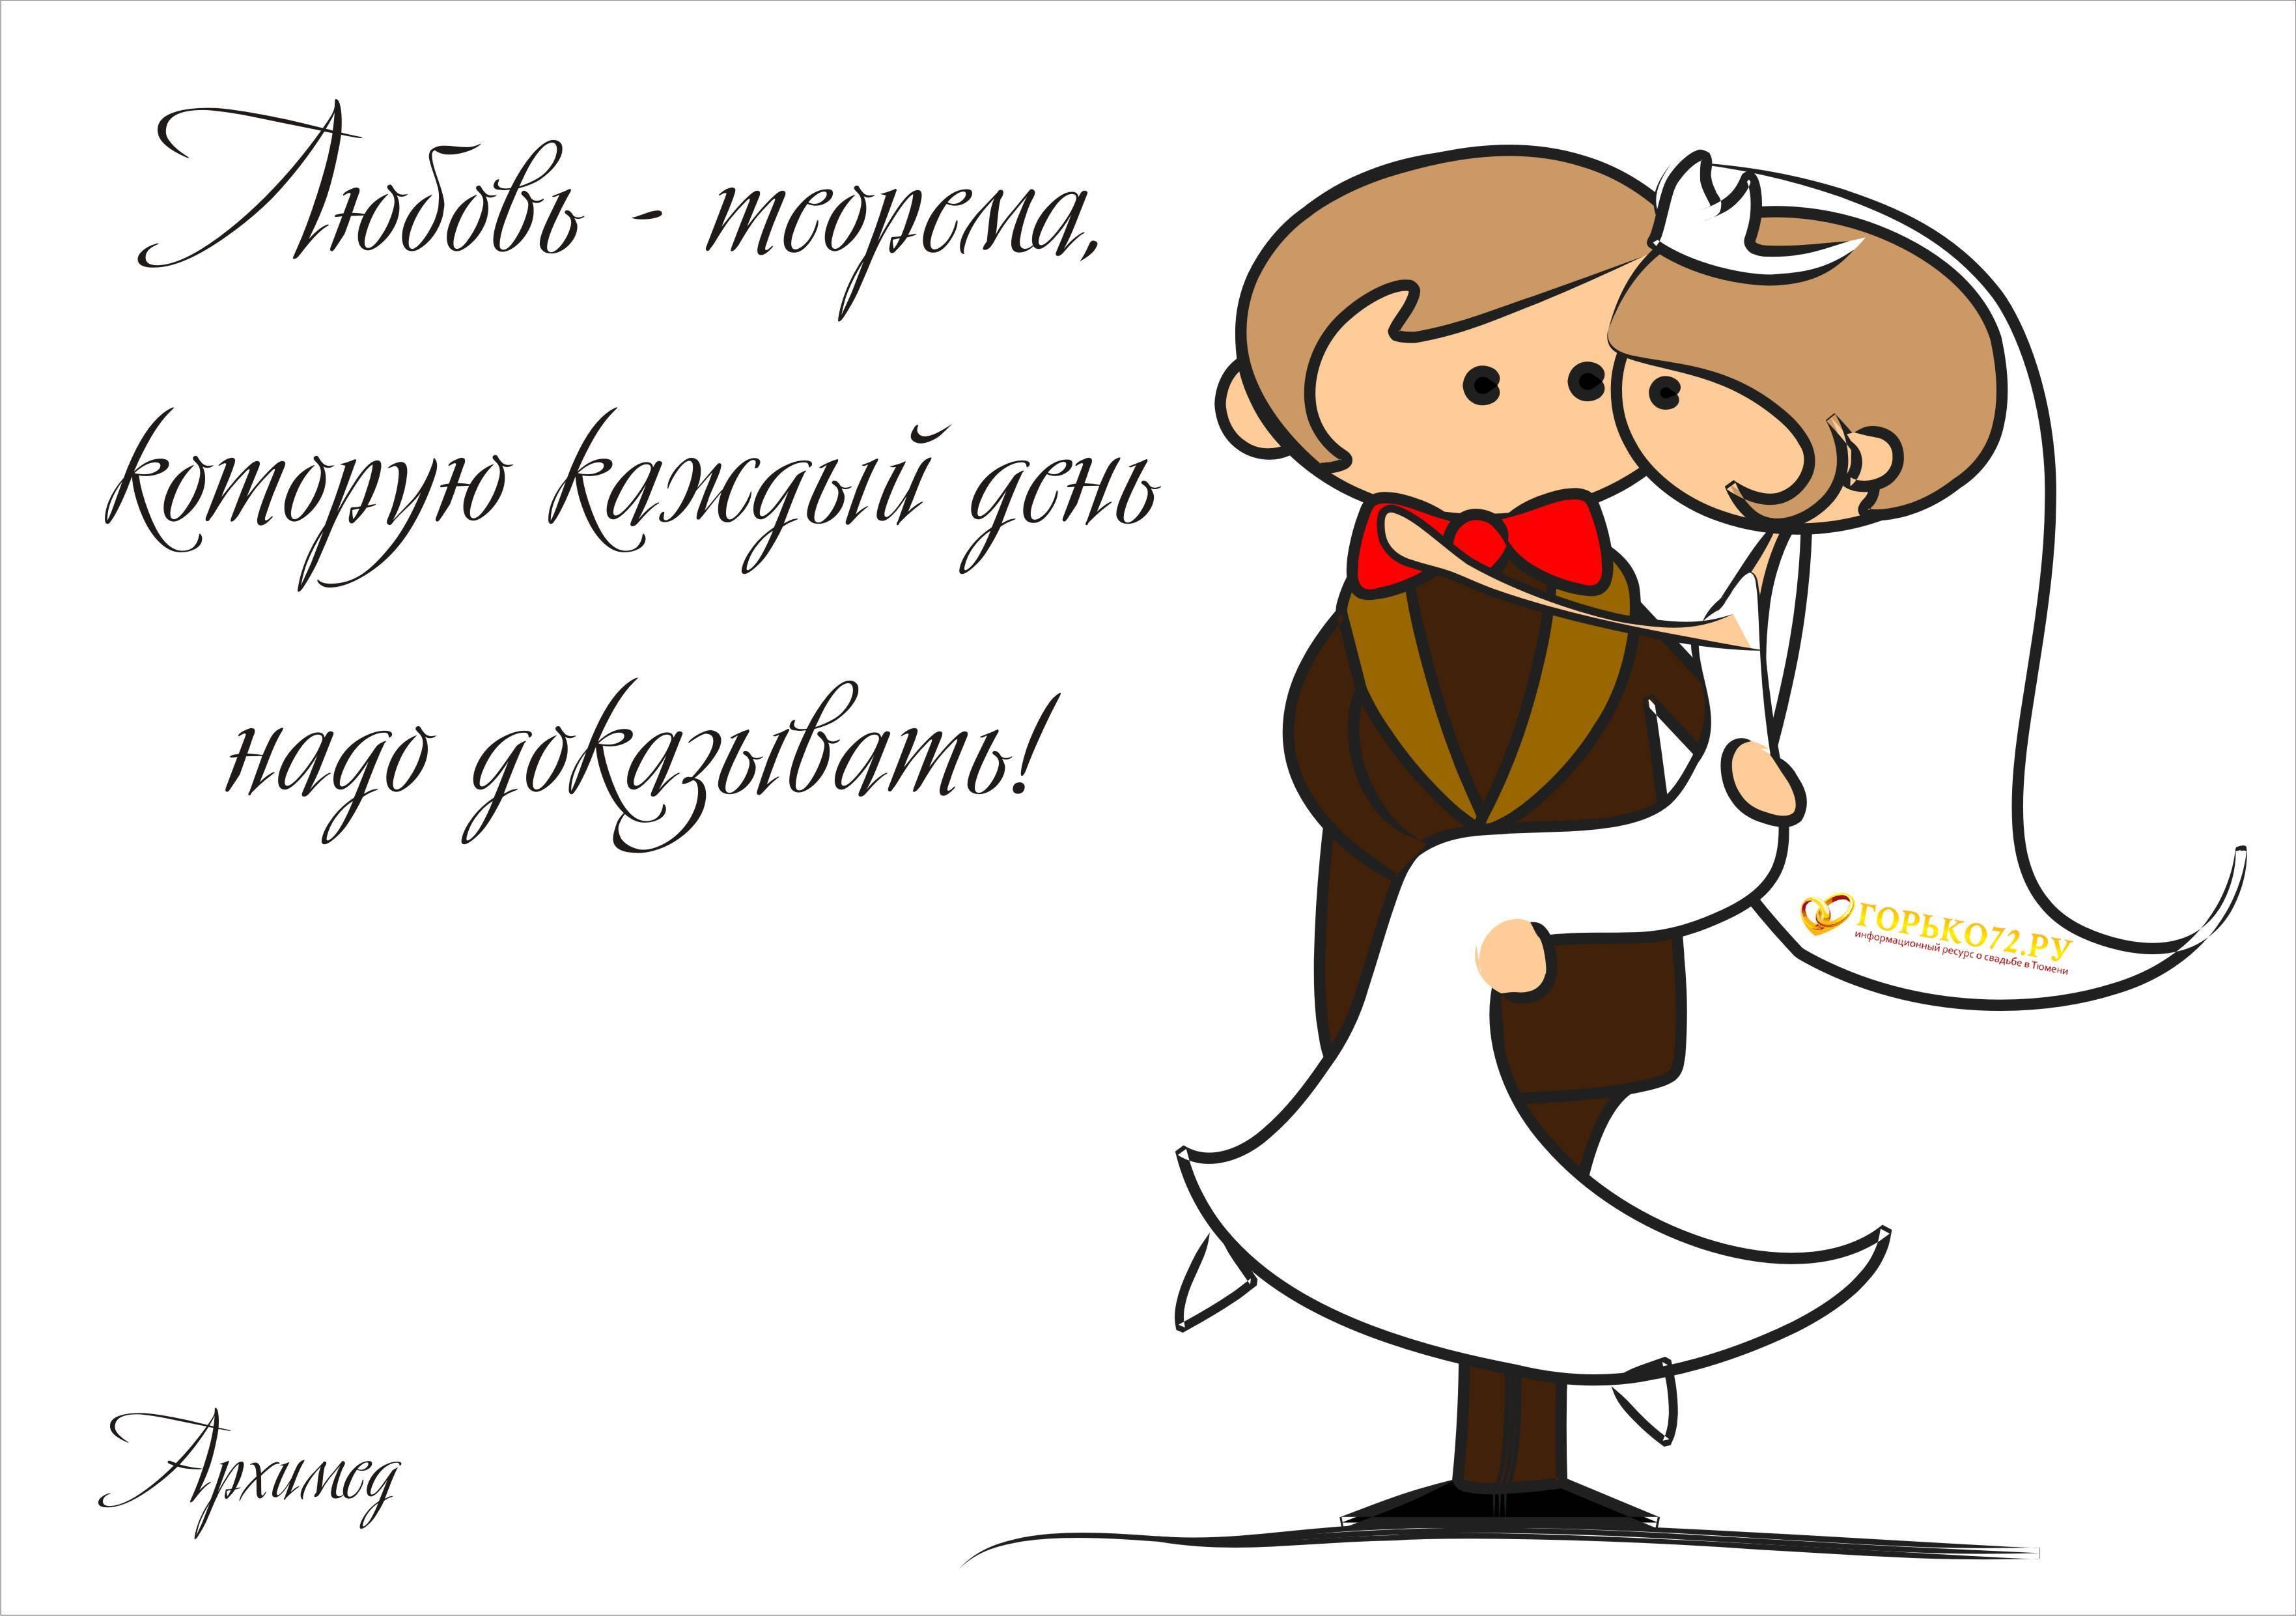 Плакаты на выкуп невесты (26 фото): прикольные свадебные плакаты, нарисованные своими руками. дизайн постера с детскими фотографиями